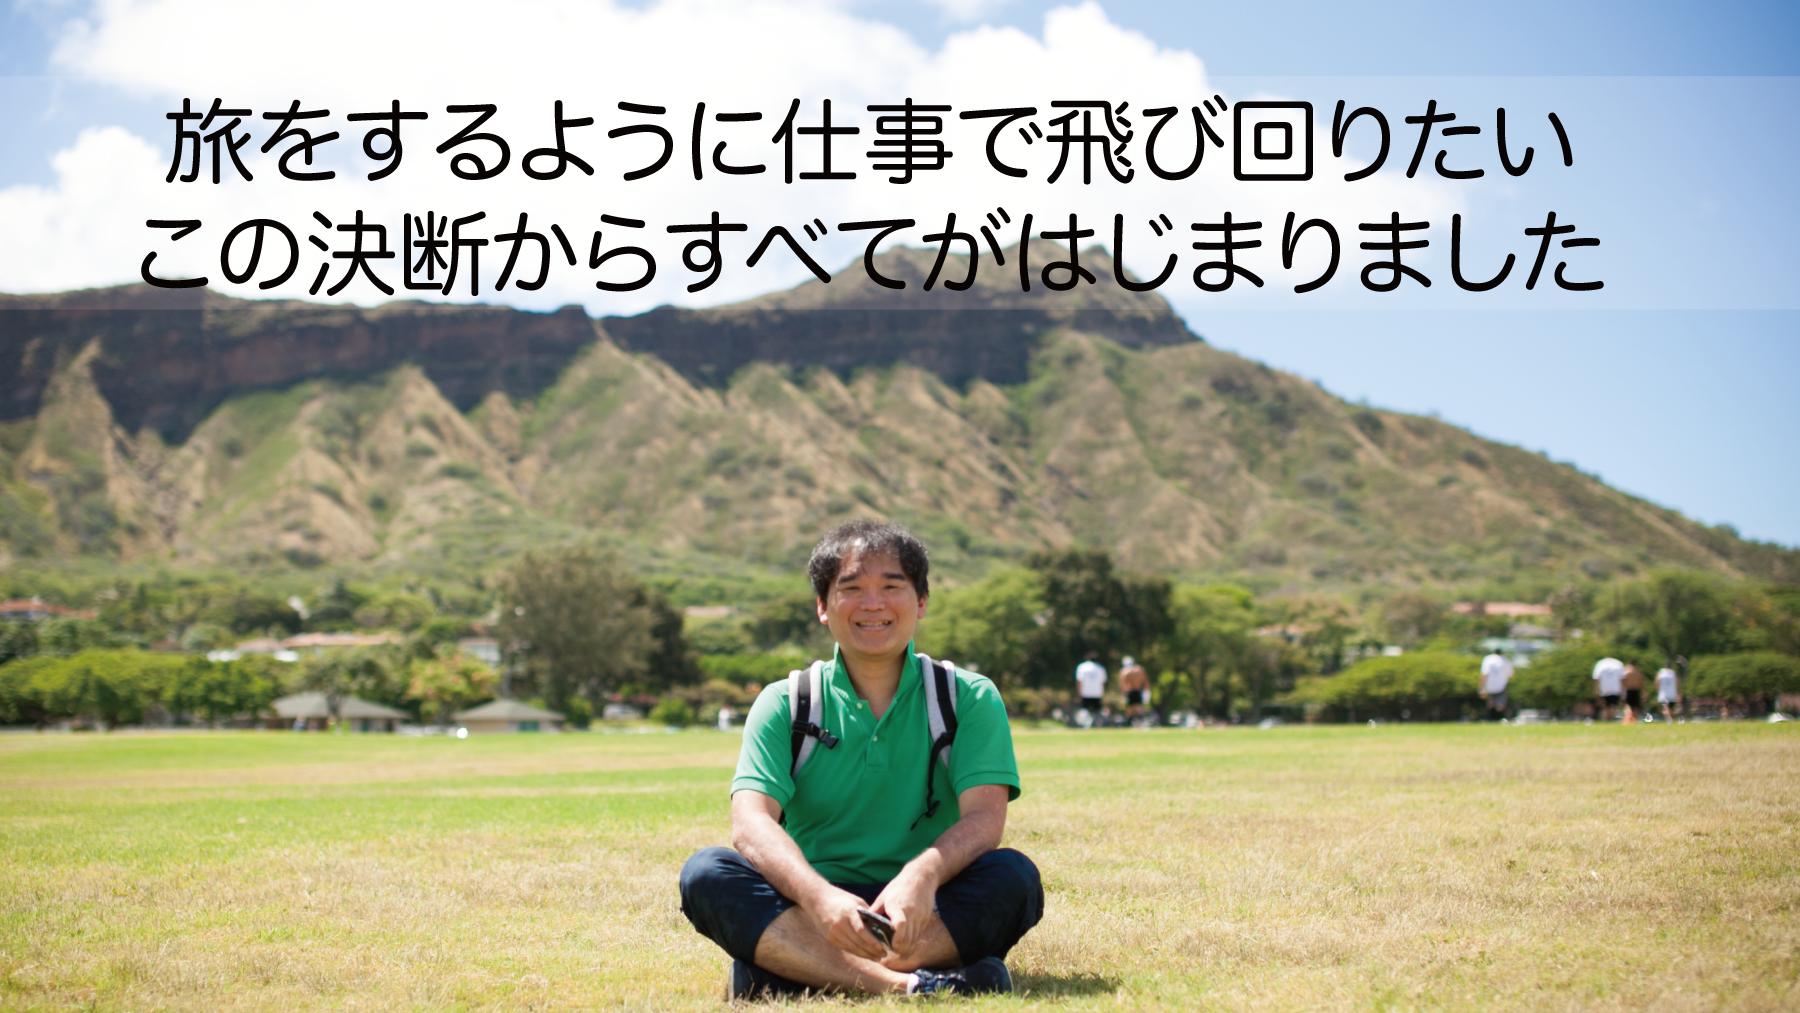 大町俊輔,旅するように仕事をする9つの習慣,旅するコンサル